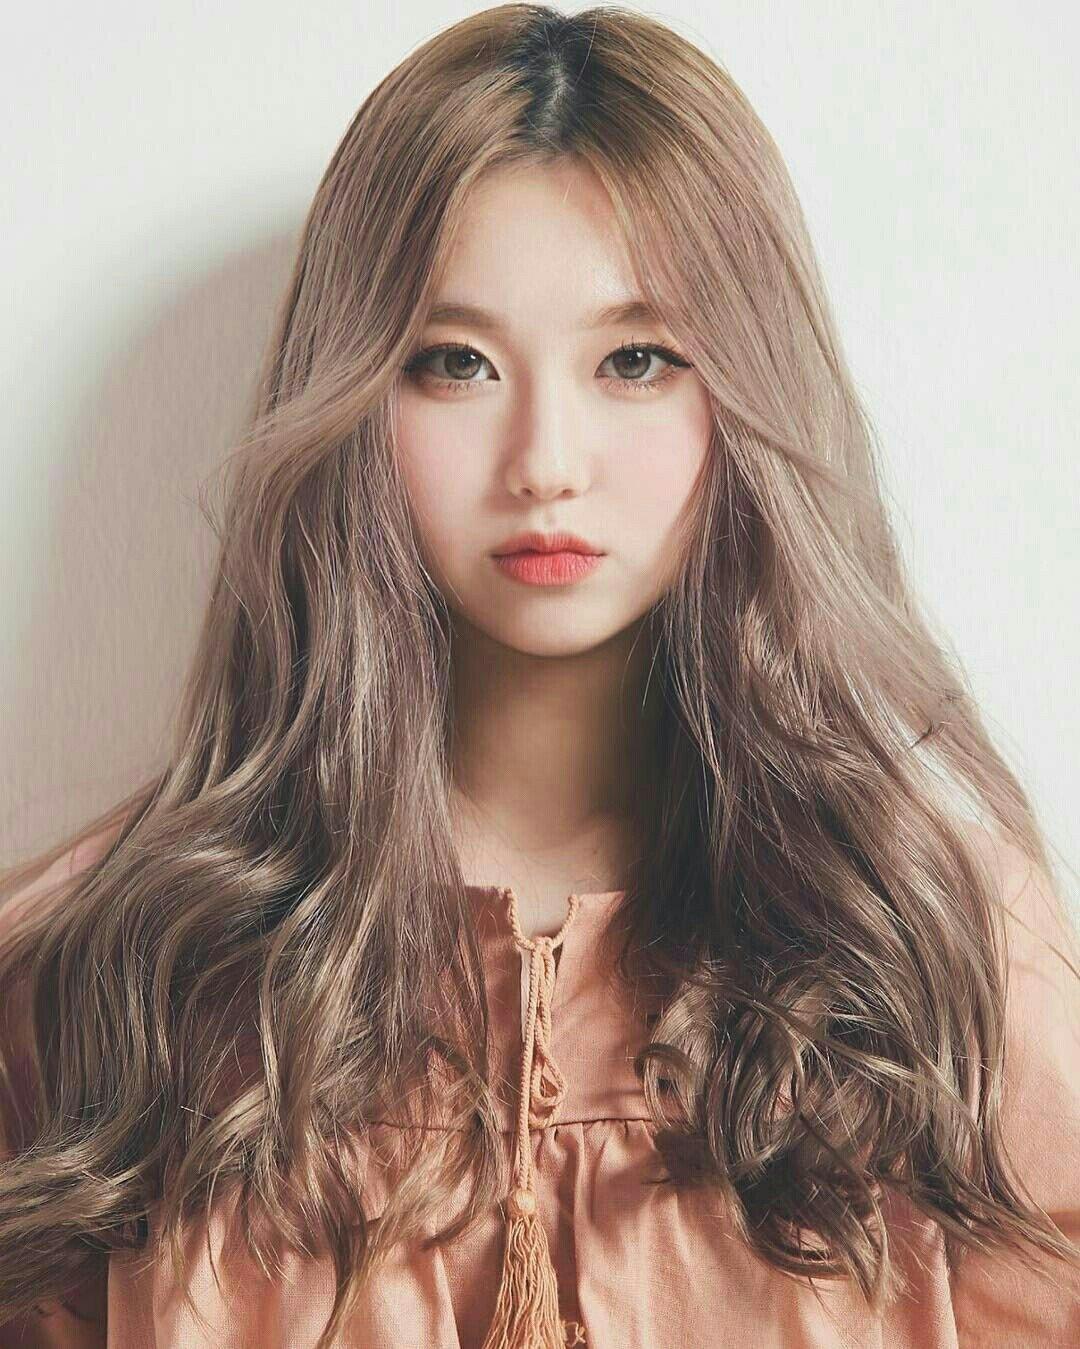 Những xu hướng màu tóc 2020 dành cho mọi cô nàng sành điệu - Ảnh 9